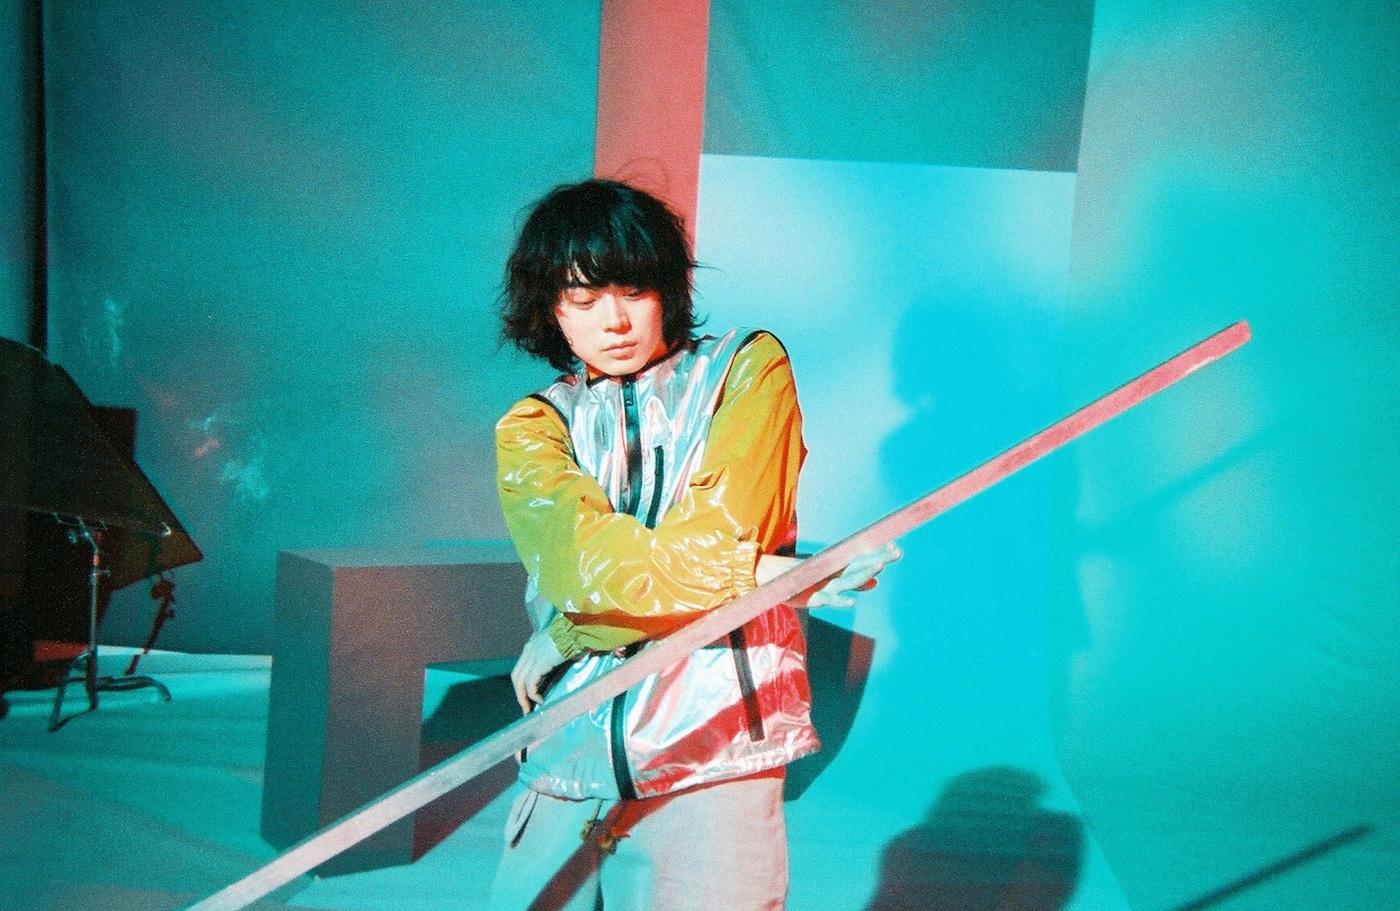 菅田将暉、大河ドラマ現場での意外なダメ出し明かし「指導でもなんでもない」とこぼすサムネイル画像